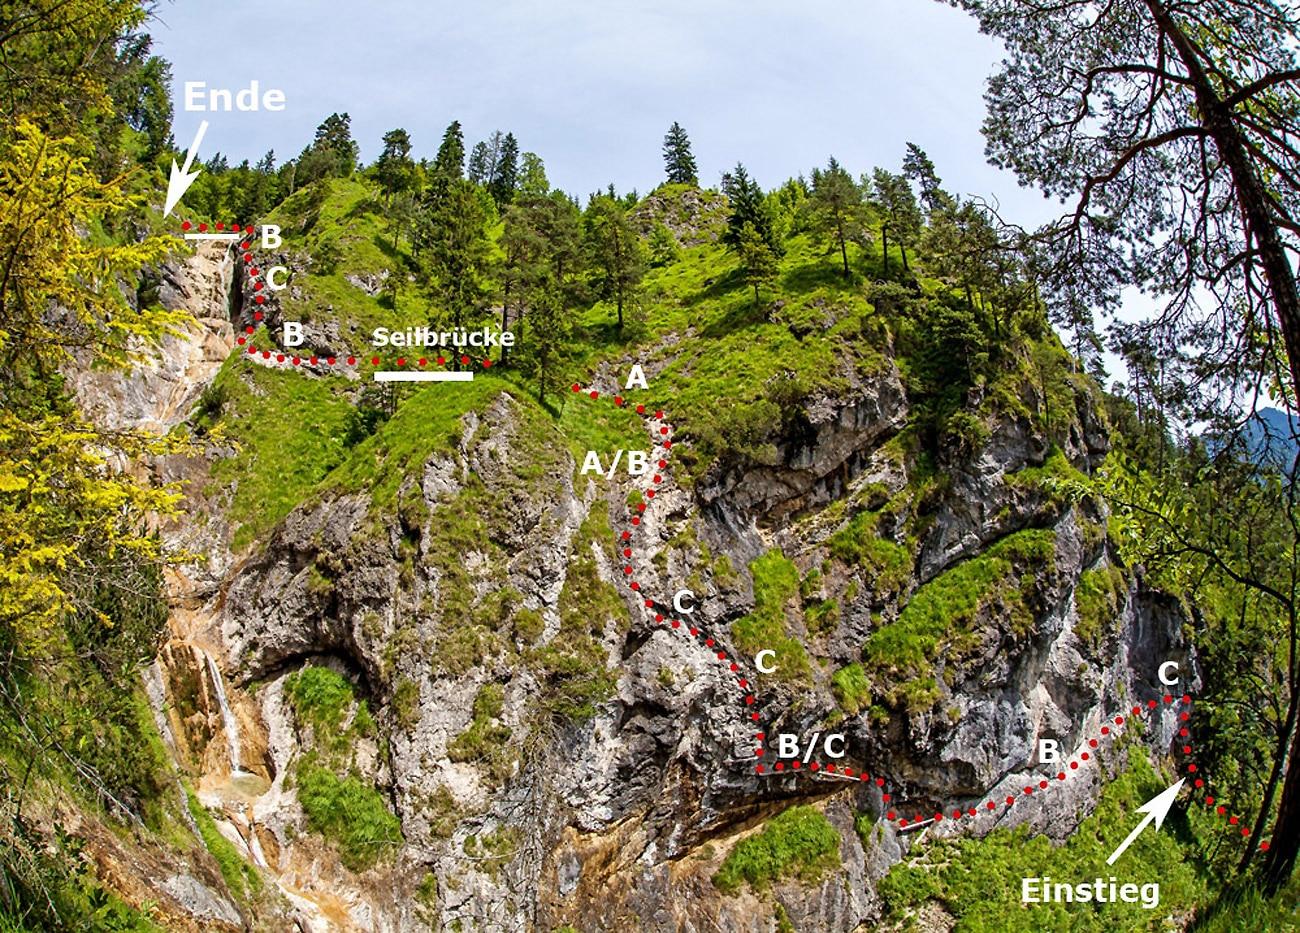 Klettersteig Chiemgau : 4 x klettersteige: chiemgauer alpen bergwelten